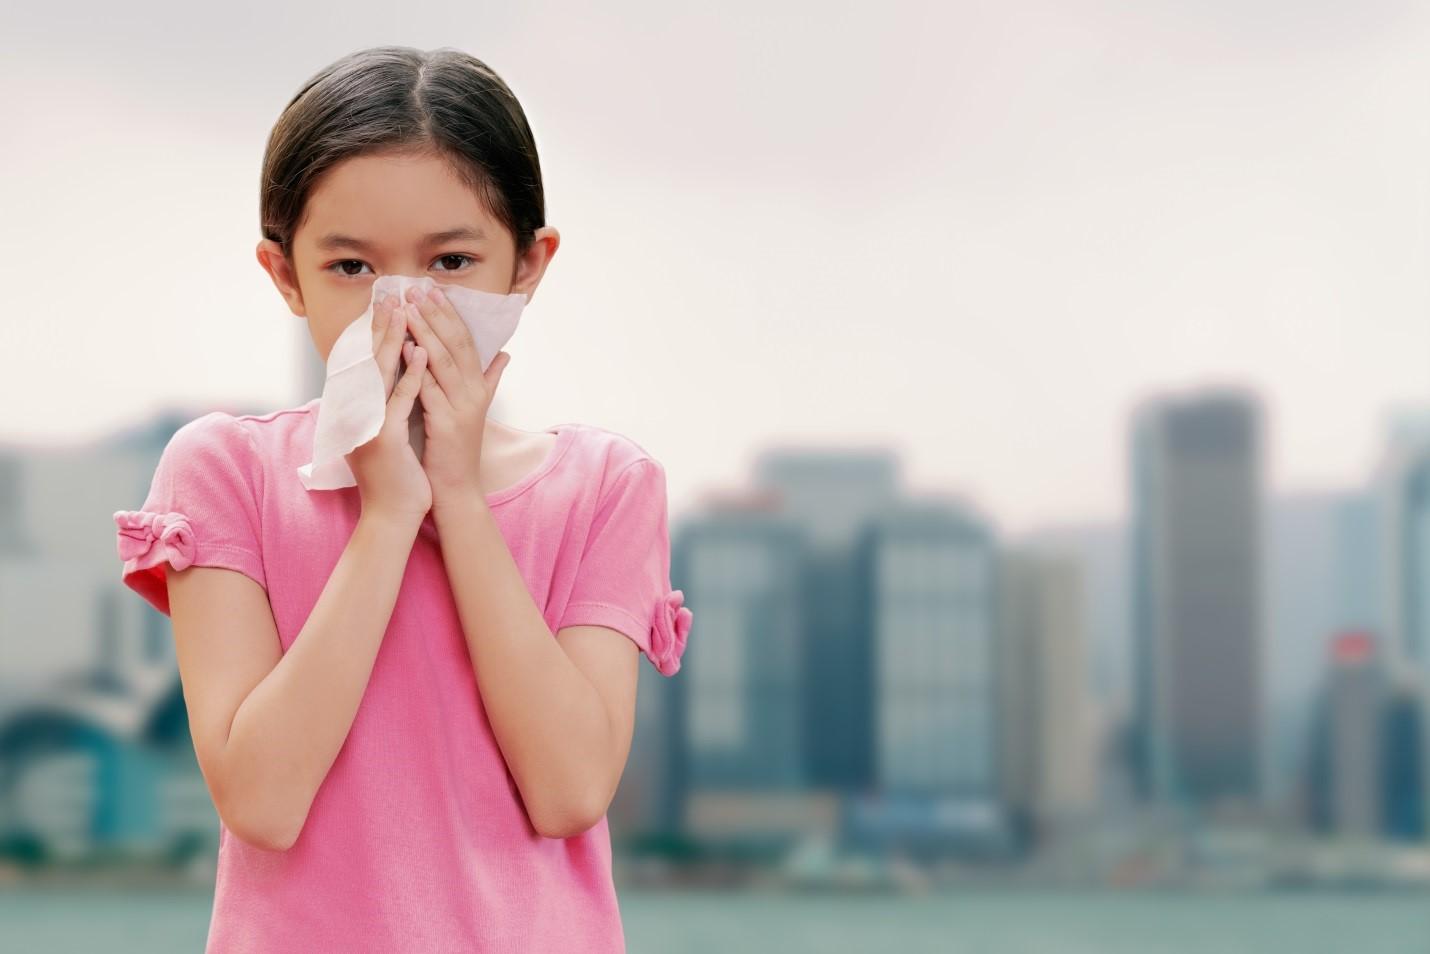 Bedakan Antara Sakit Pilek dan Flu Pada Anak, Ini Dia Cara Tepat untuk Menanganinya